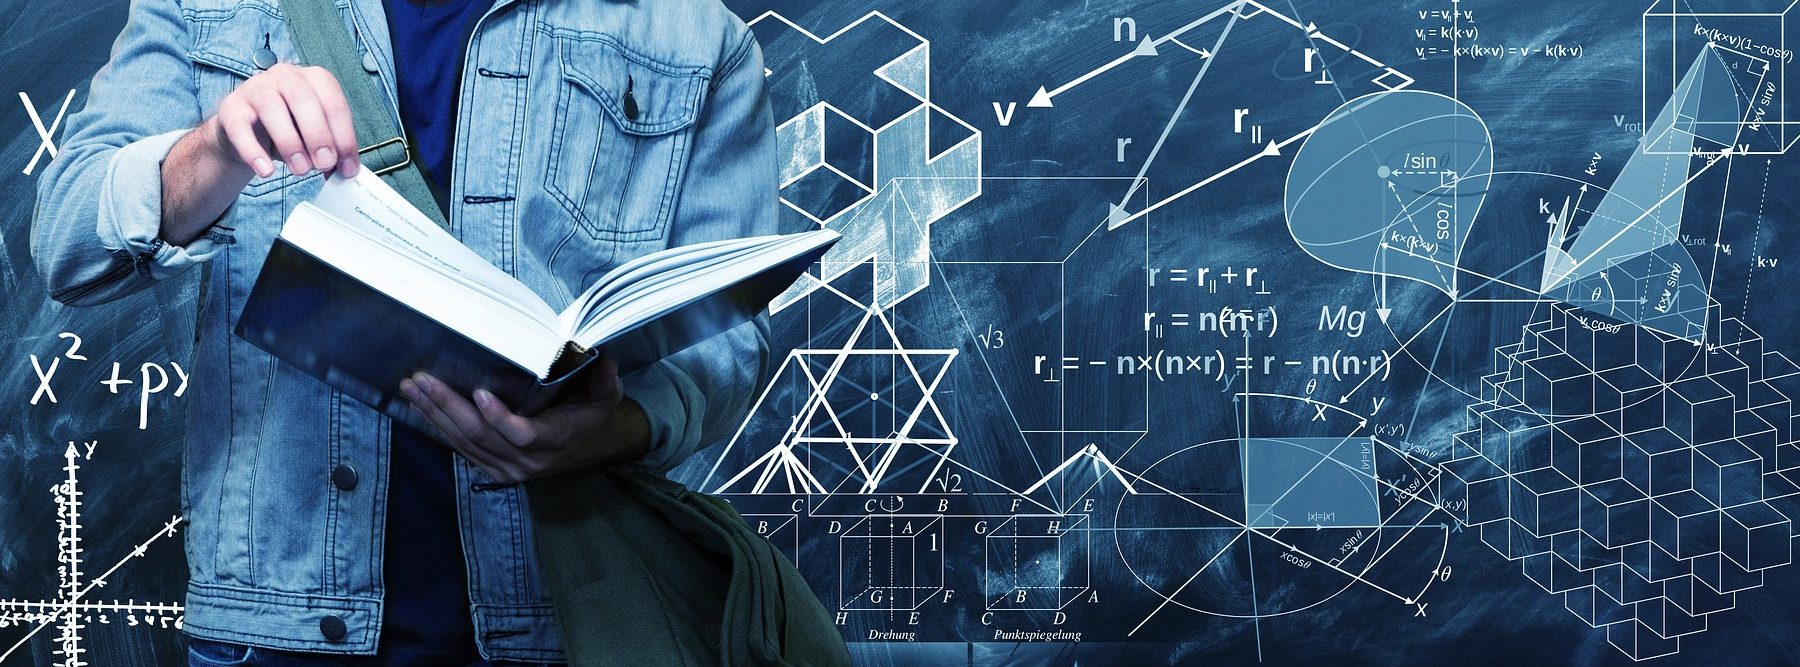 Sistemas Expertos, el comienzo de la Inteligencia Artificial